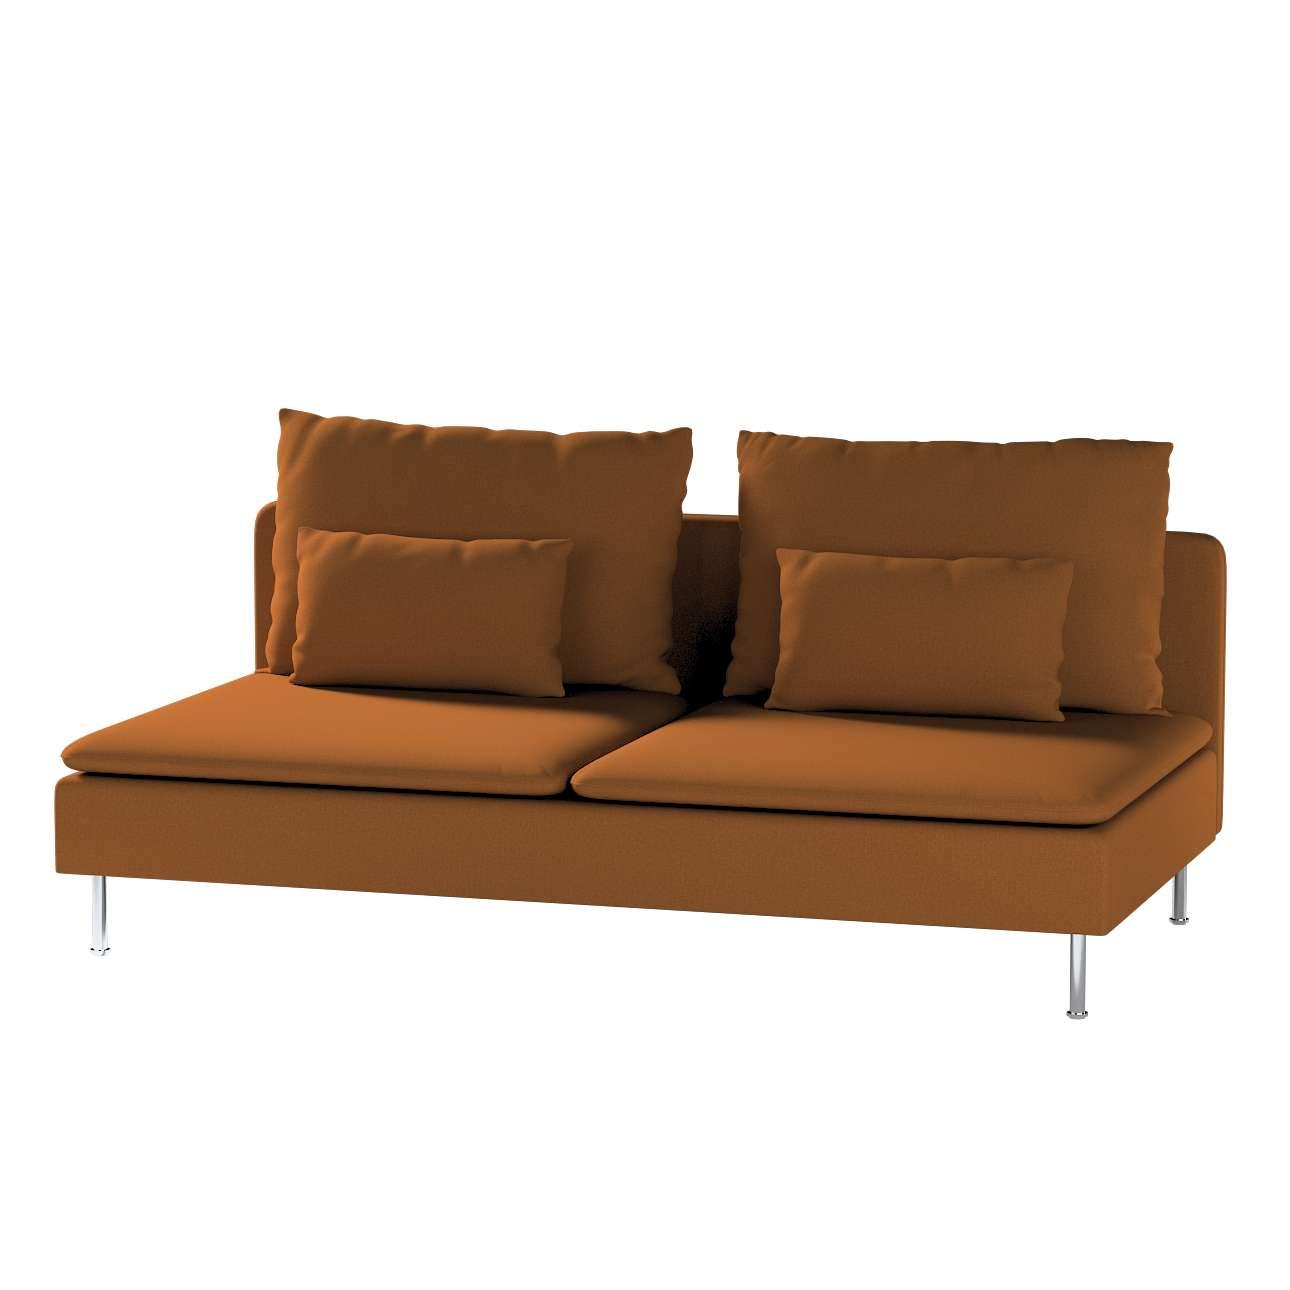 Bezug für Söderhamn Sitzelement 3 von der Kollektion Living II, Stoff: 161-28